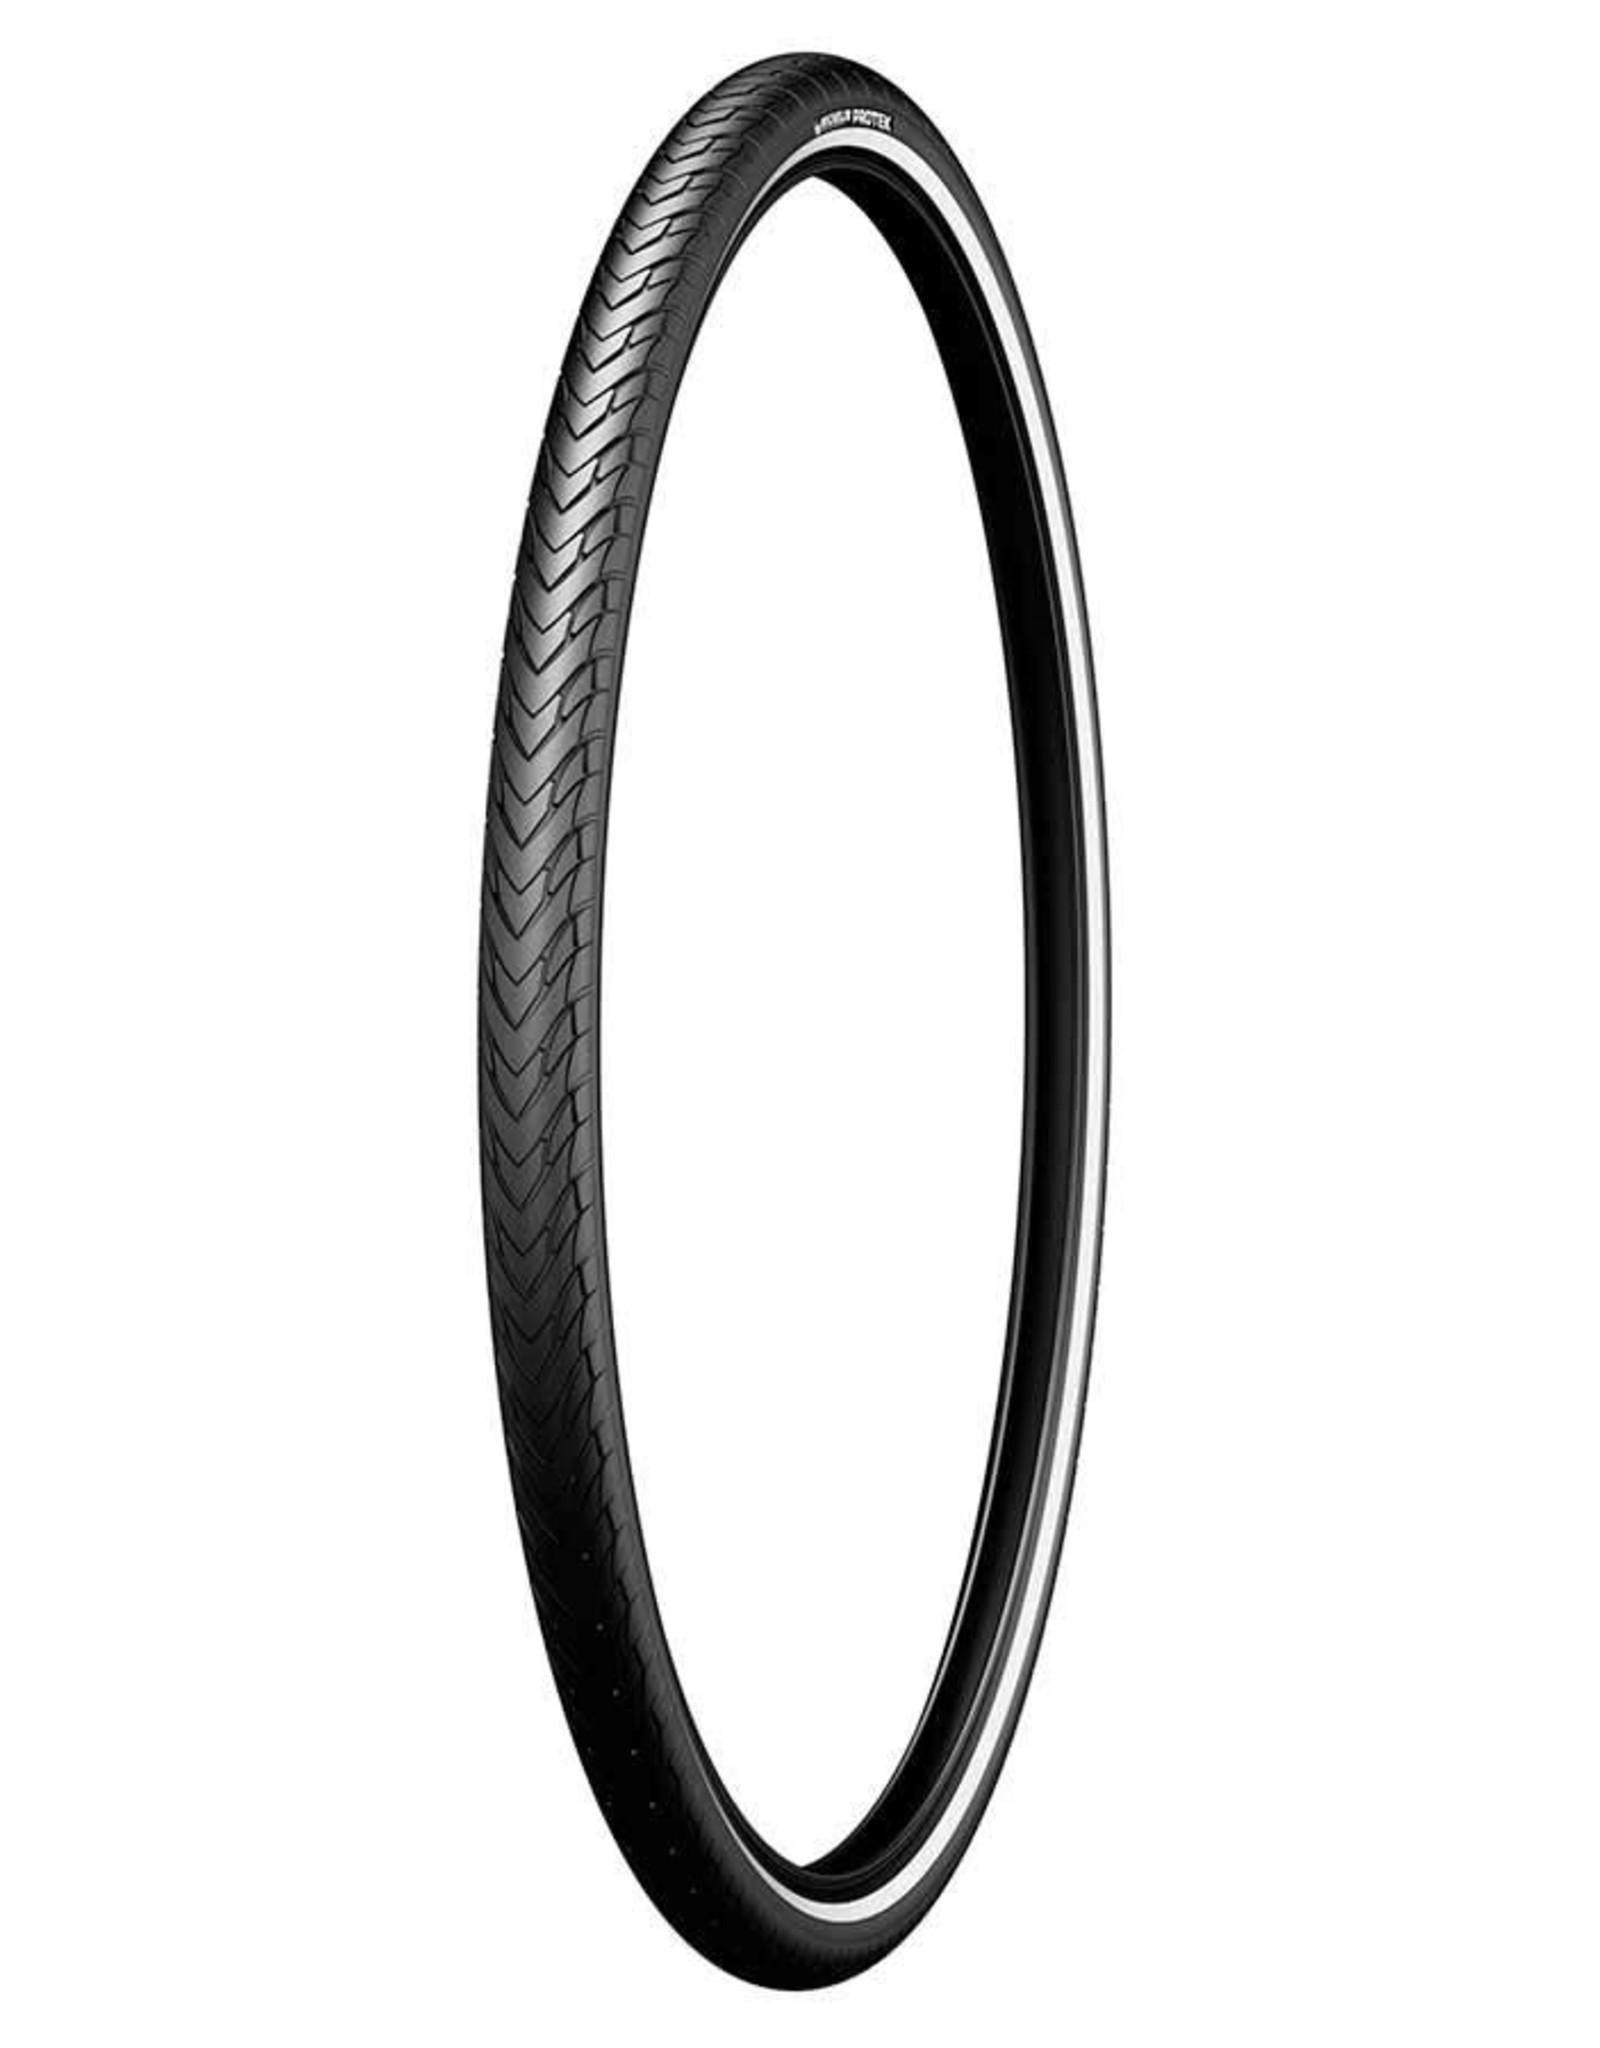 MICHELIN Michelin, Protek, Tire, 700x32C, Wire, Clincher, Protek 1mm, Reflex, 22TPI, Black